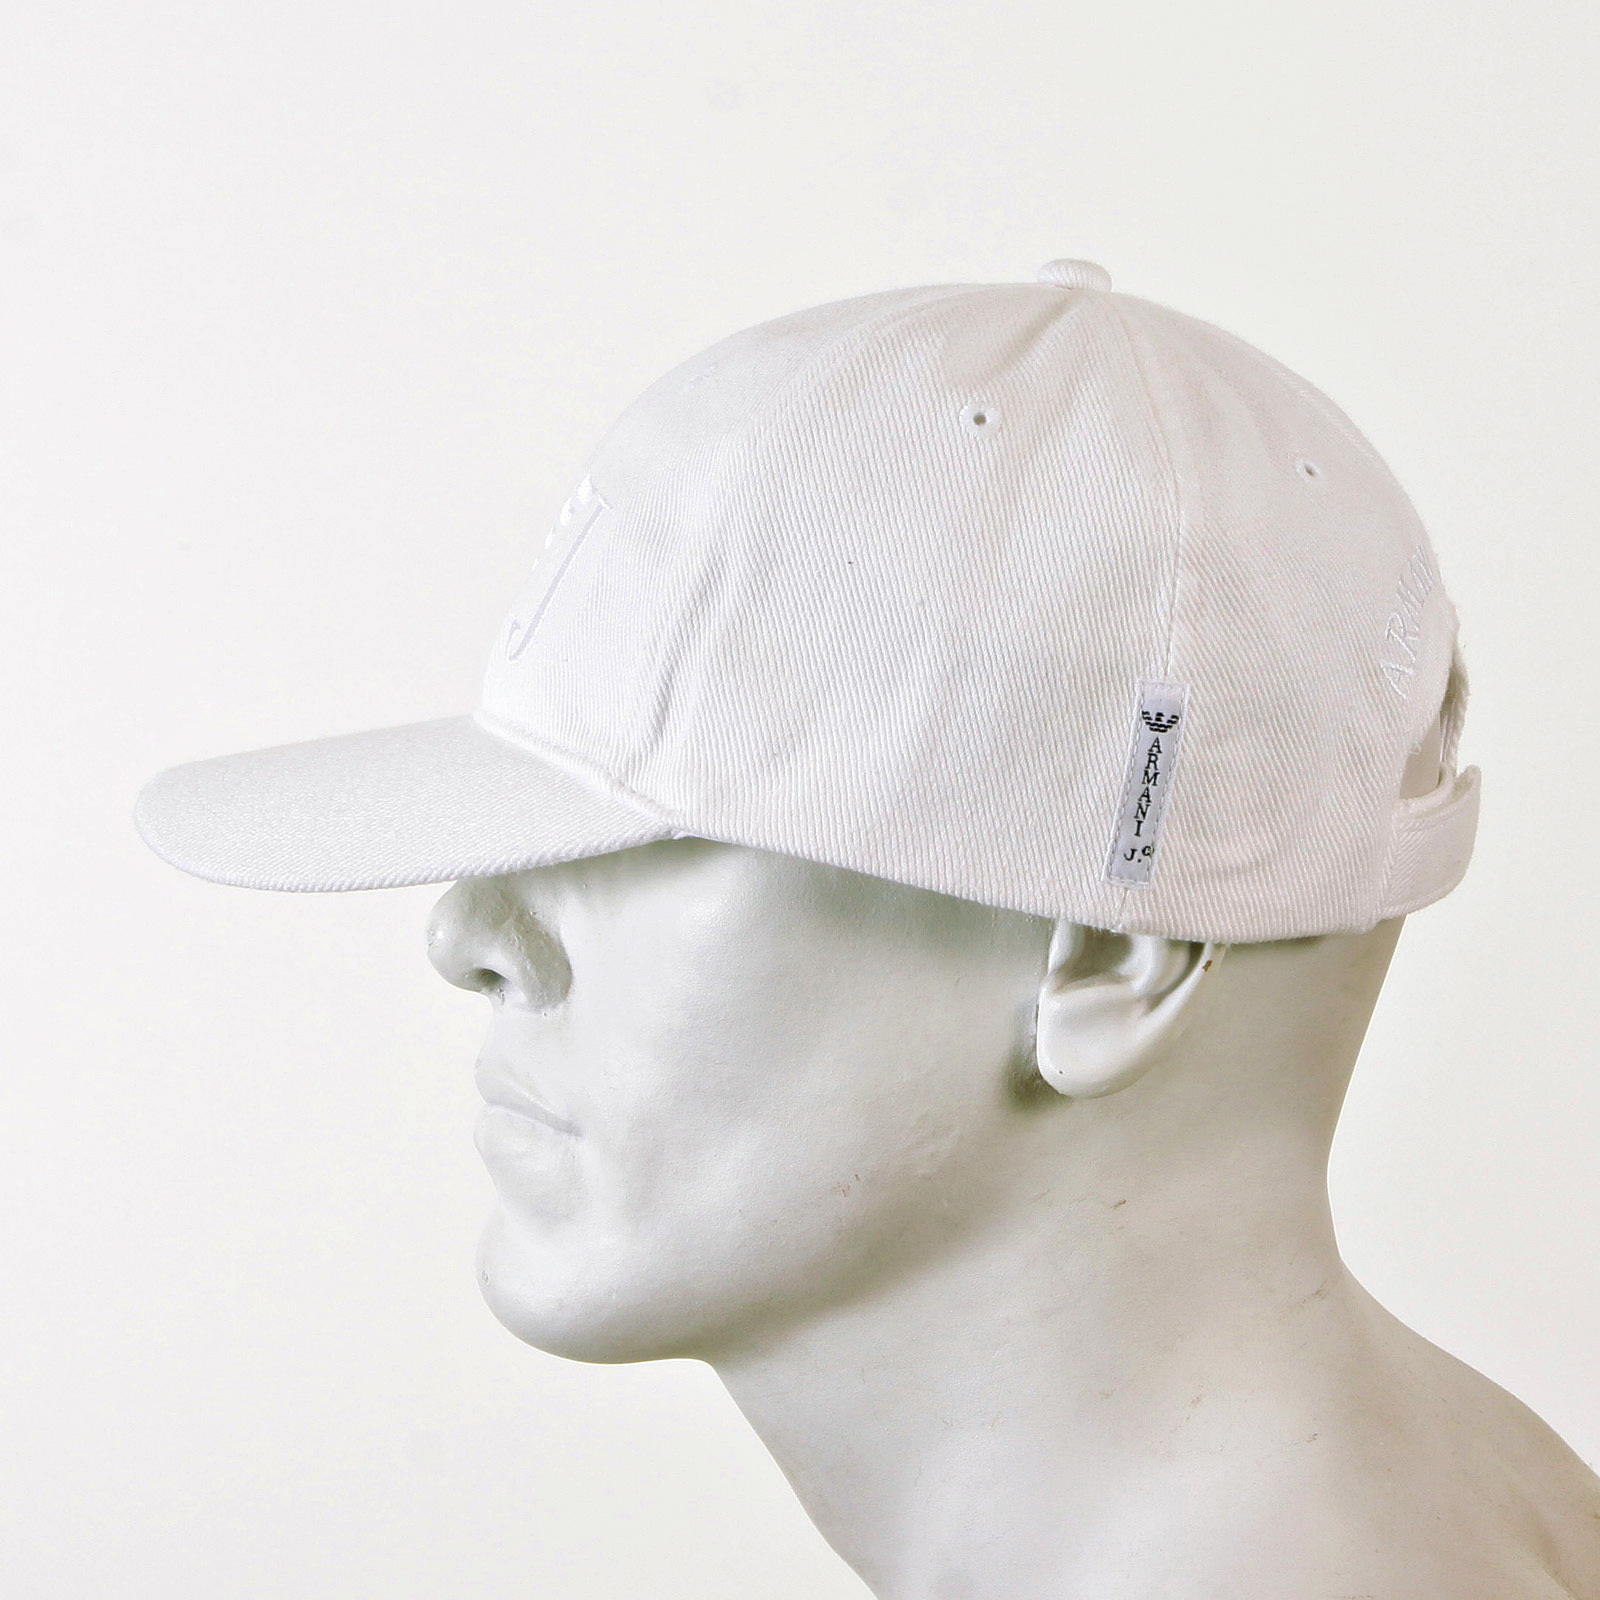 Armani Jeans baseball cap 06481 XE WHITE CAP AJM2265 at Togged Clothing c51c689dc10